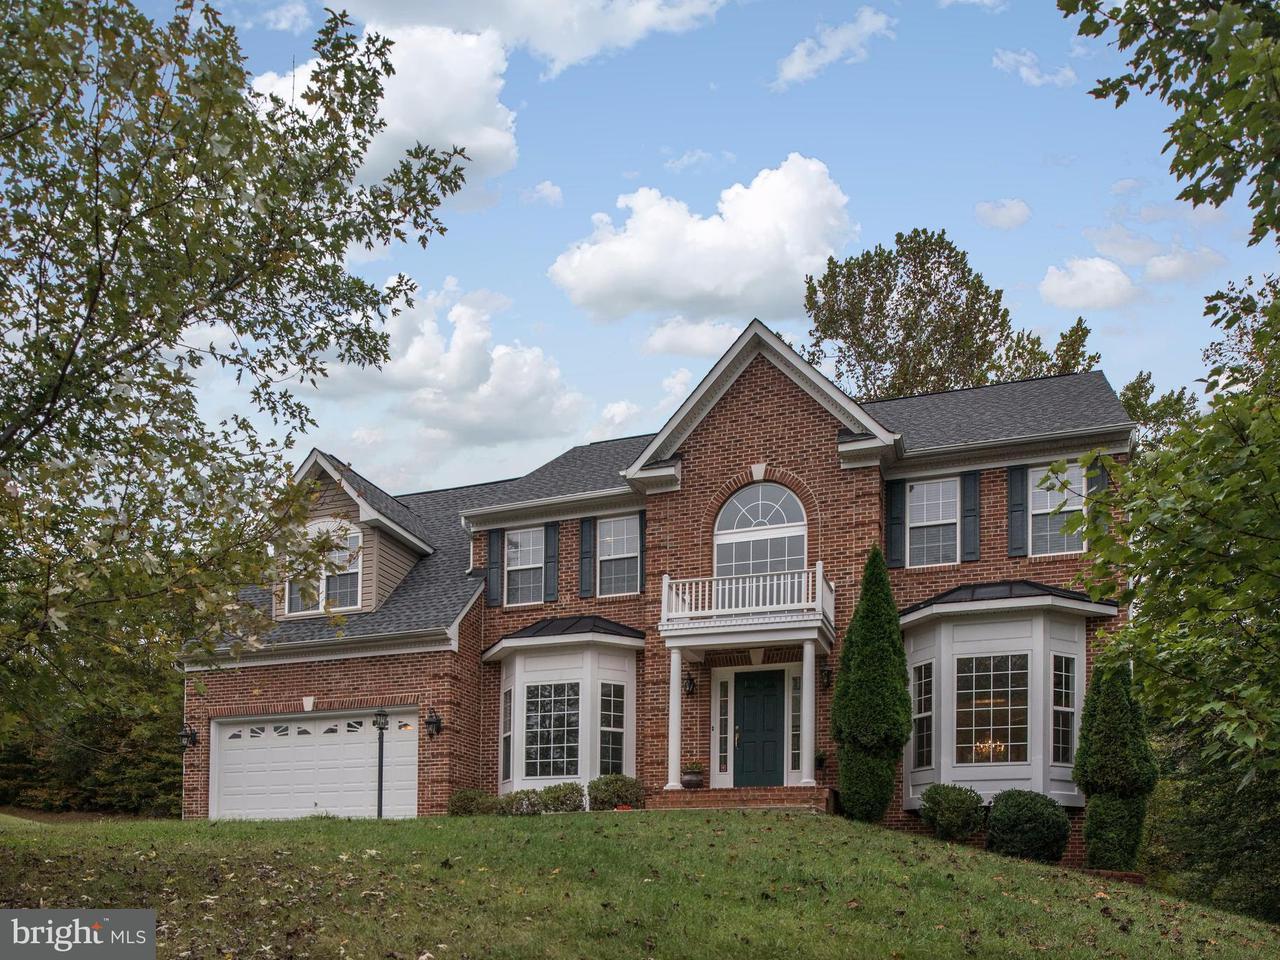 Casa Unifamiliar por un Venta en 8 MILLBROOK Road 8 MILLBROOK Road Stafford, Virginia 22554 Estados Unidos